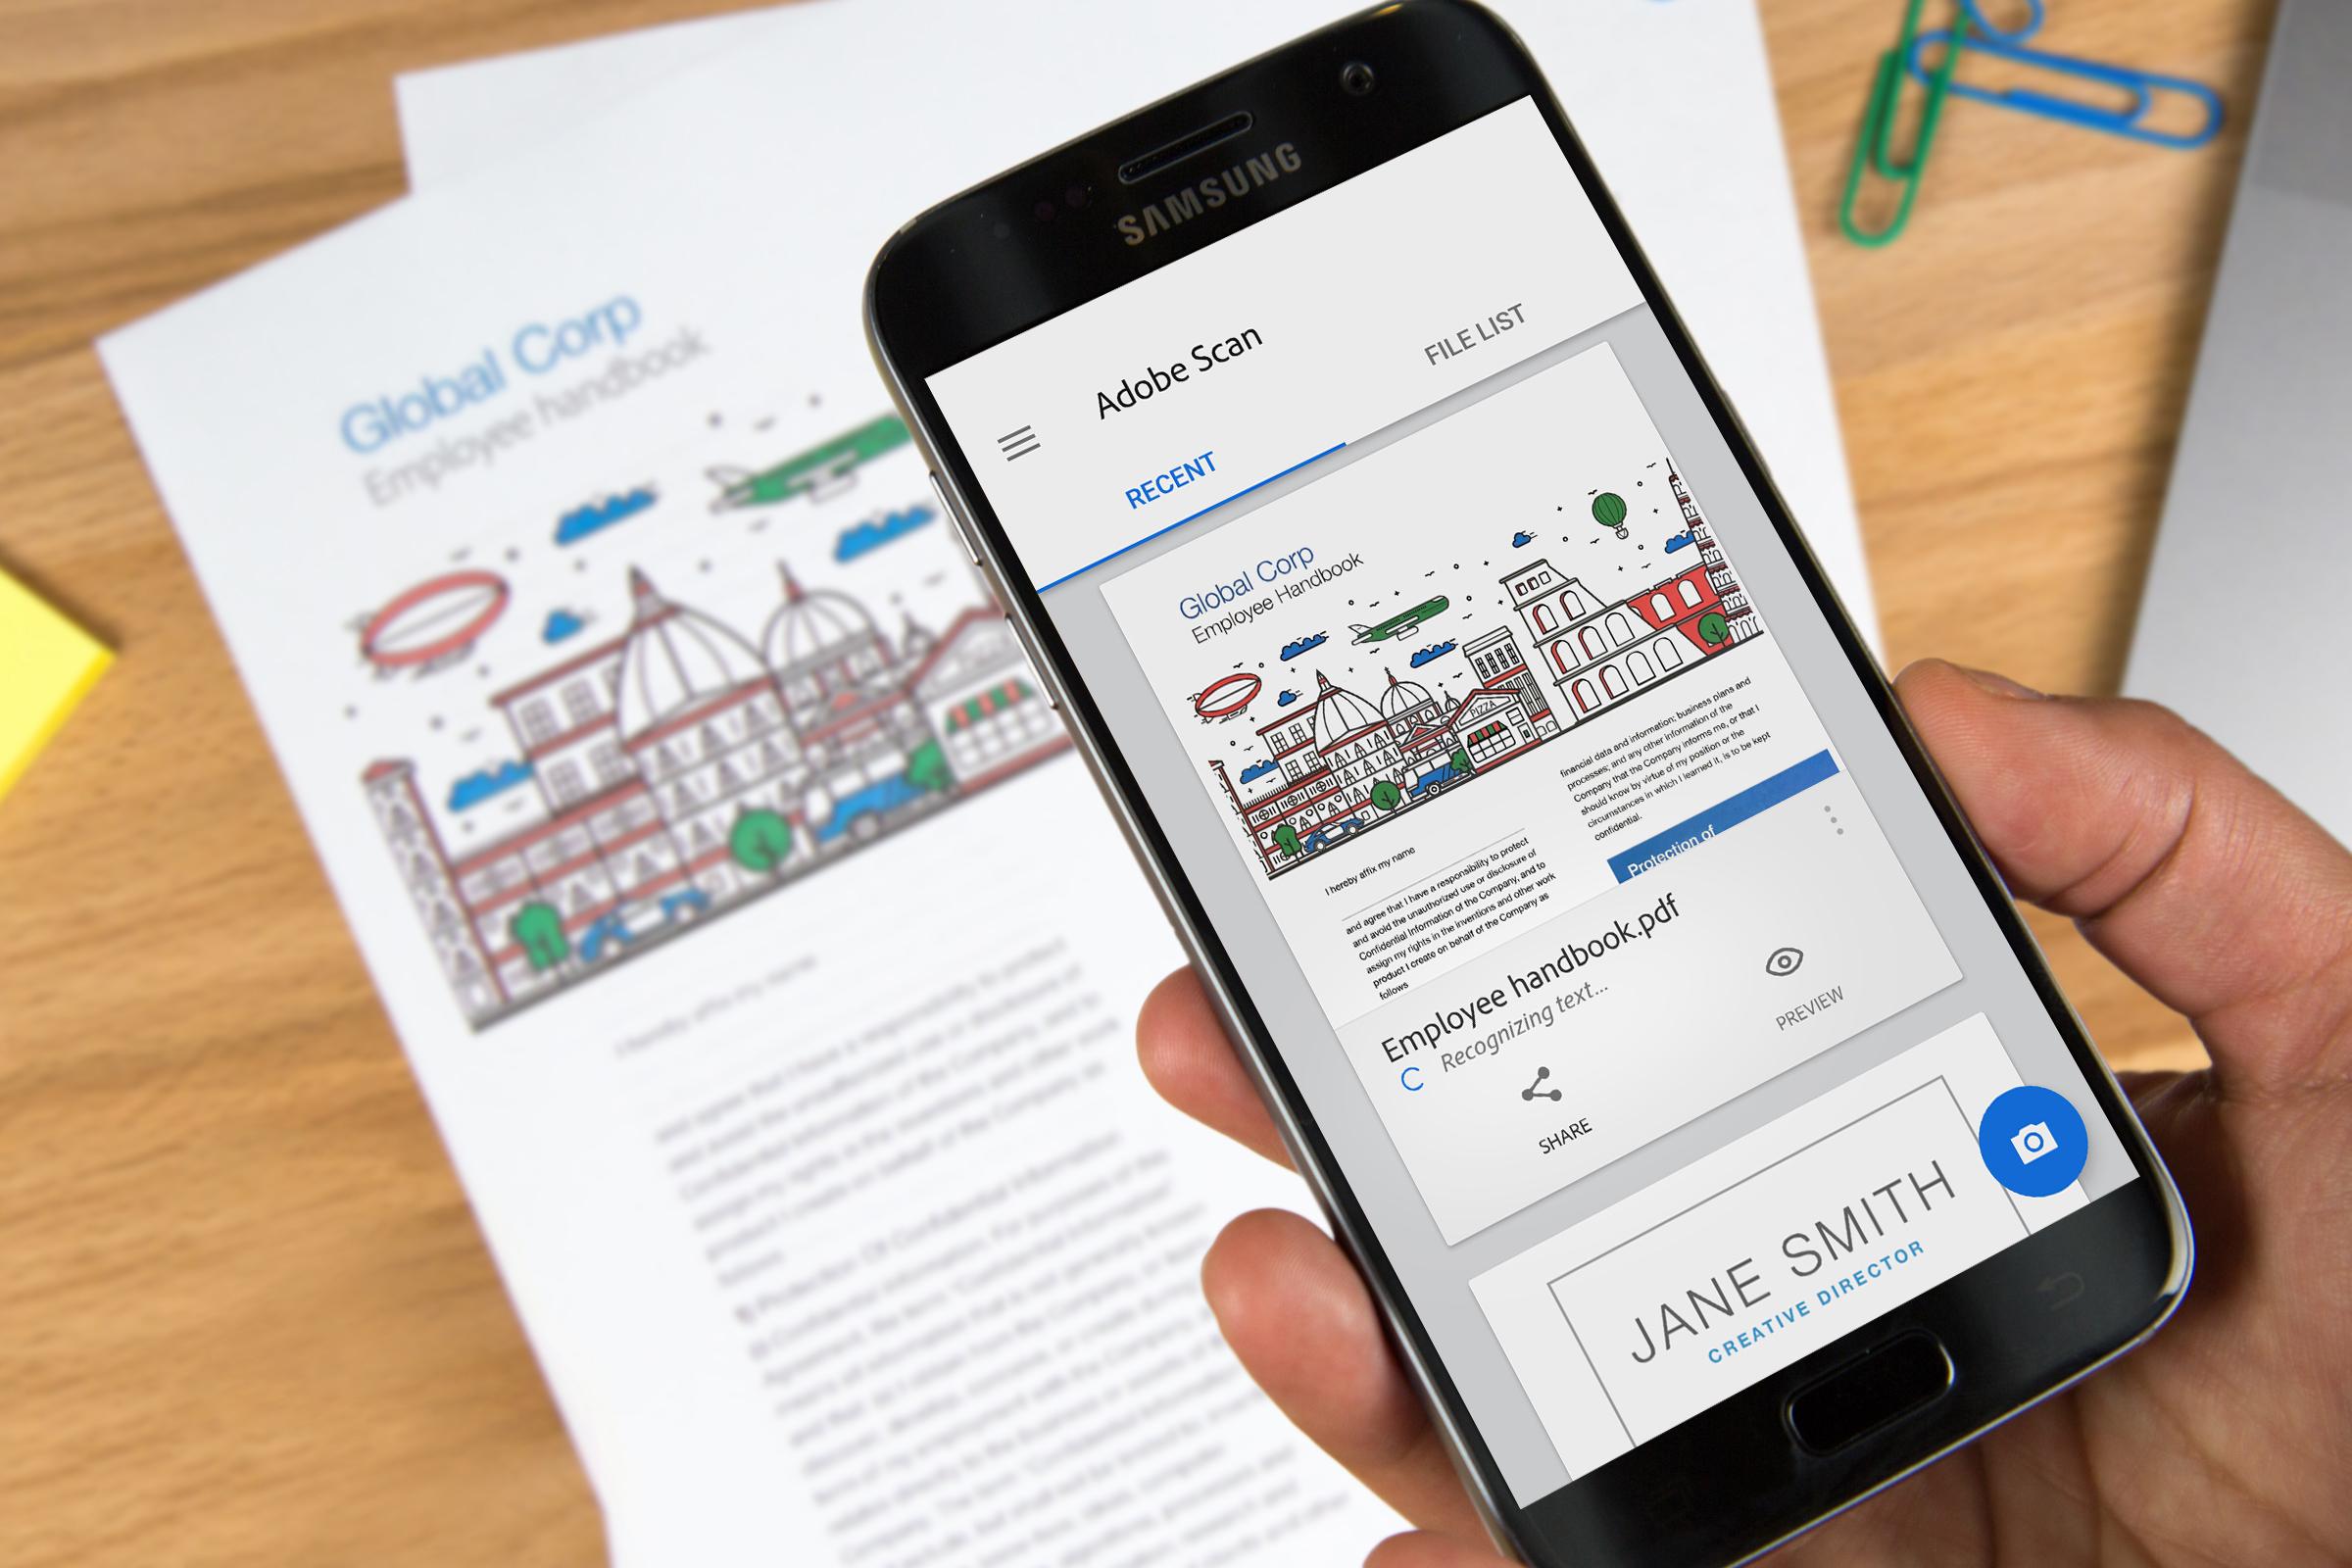 Adobe запустила приложение-сканер документов